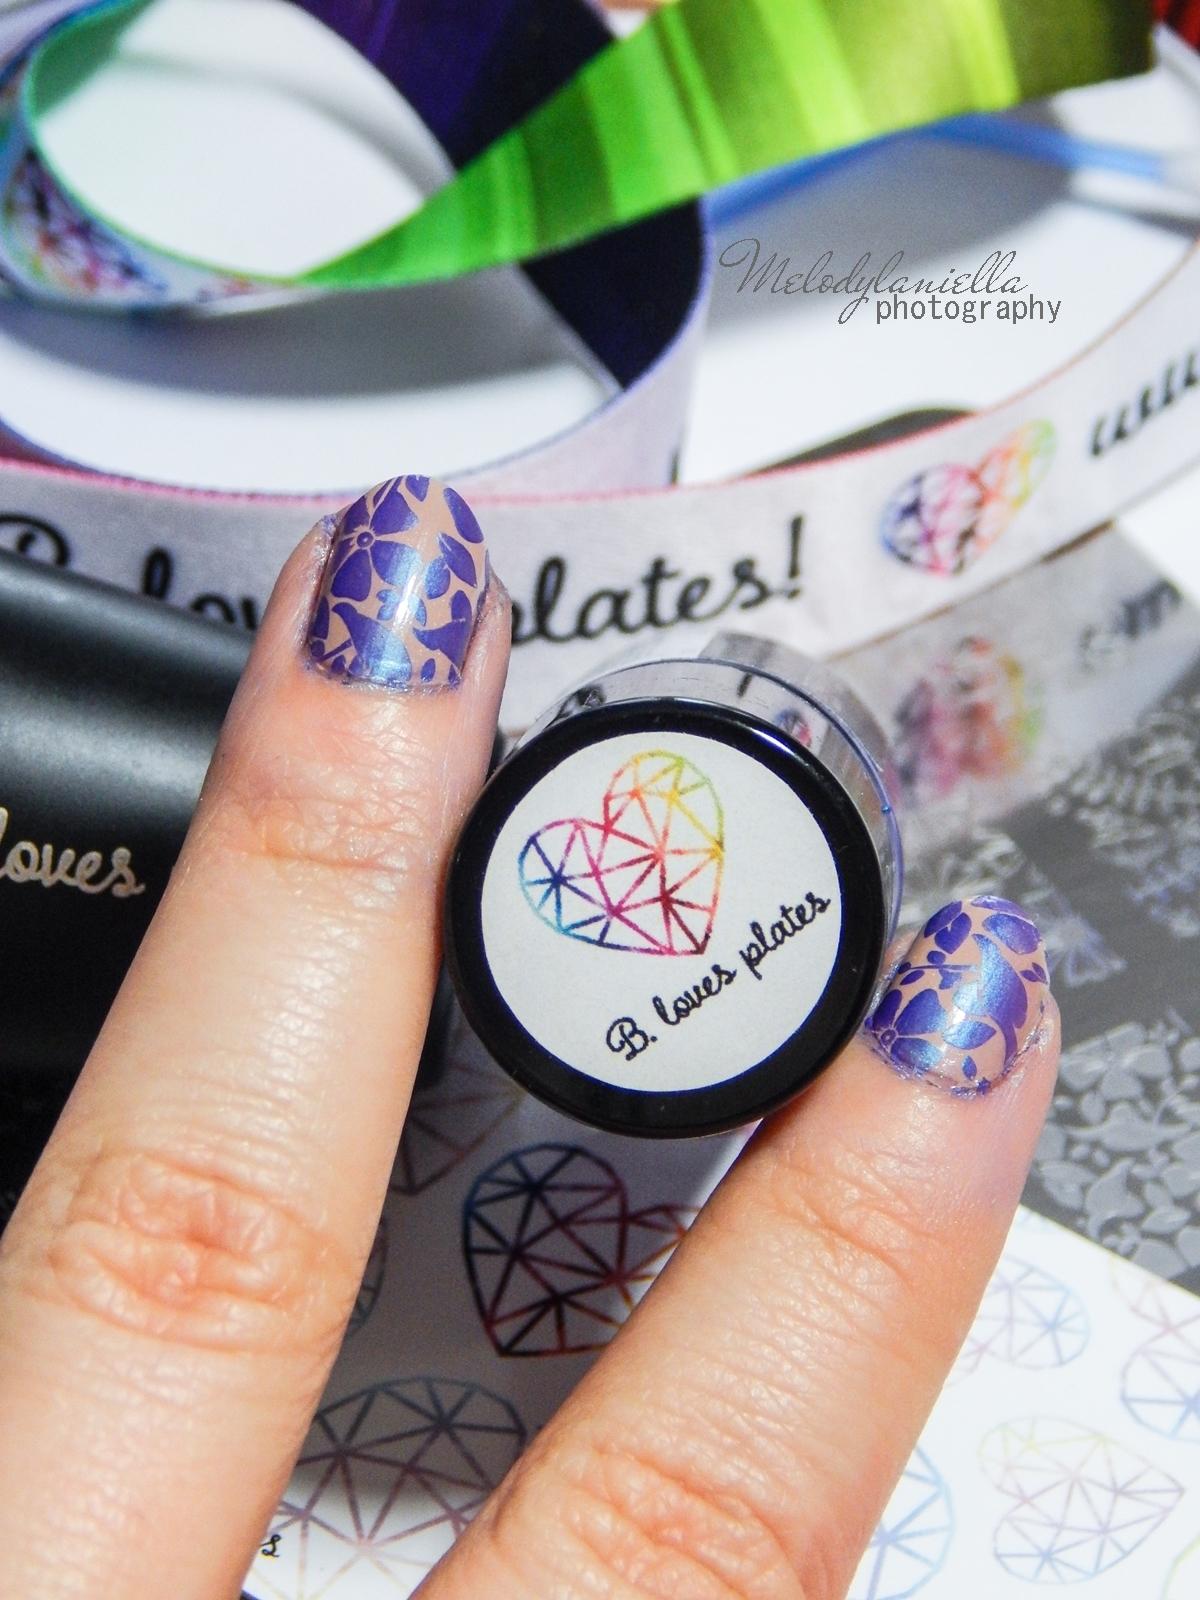 _15 nagłówek stemplowanie paznokci jak stemplować paznokcie produkty płytki lakiery do stemplowania b loves plates